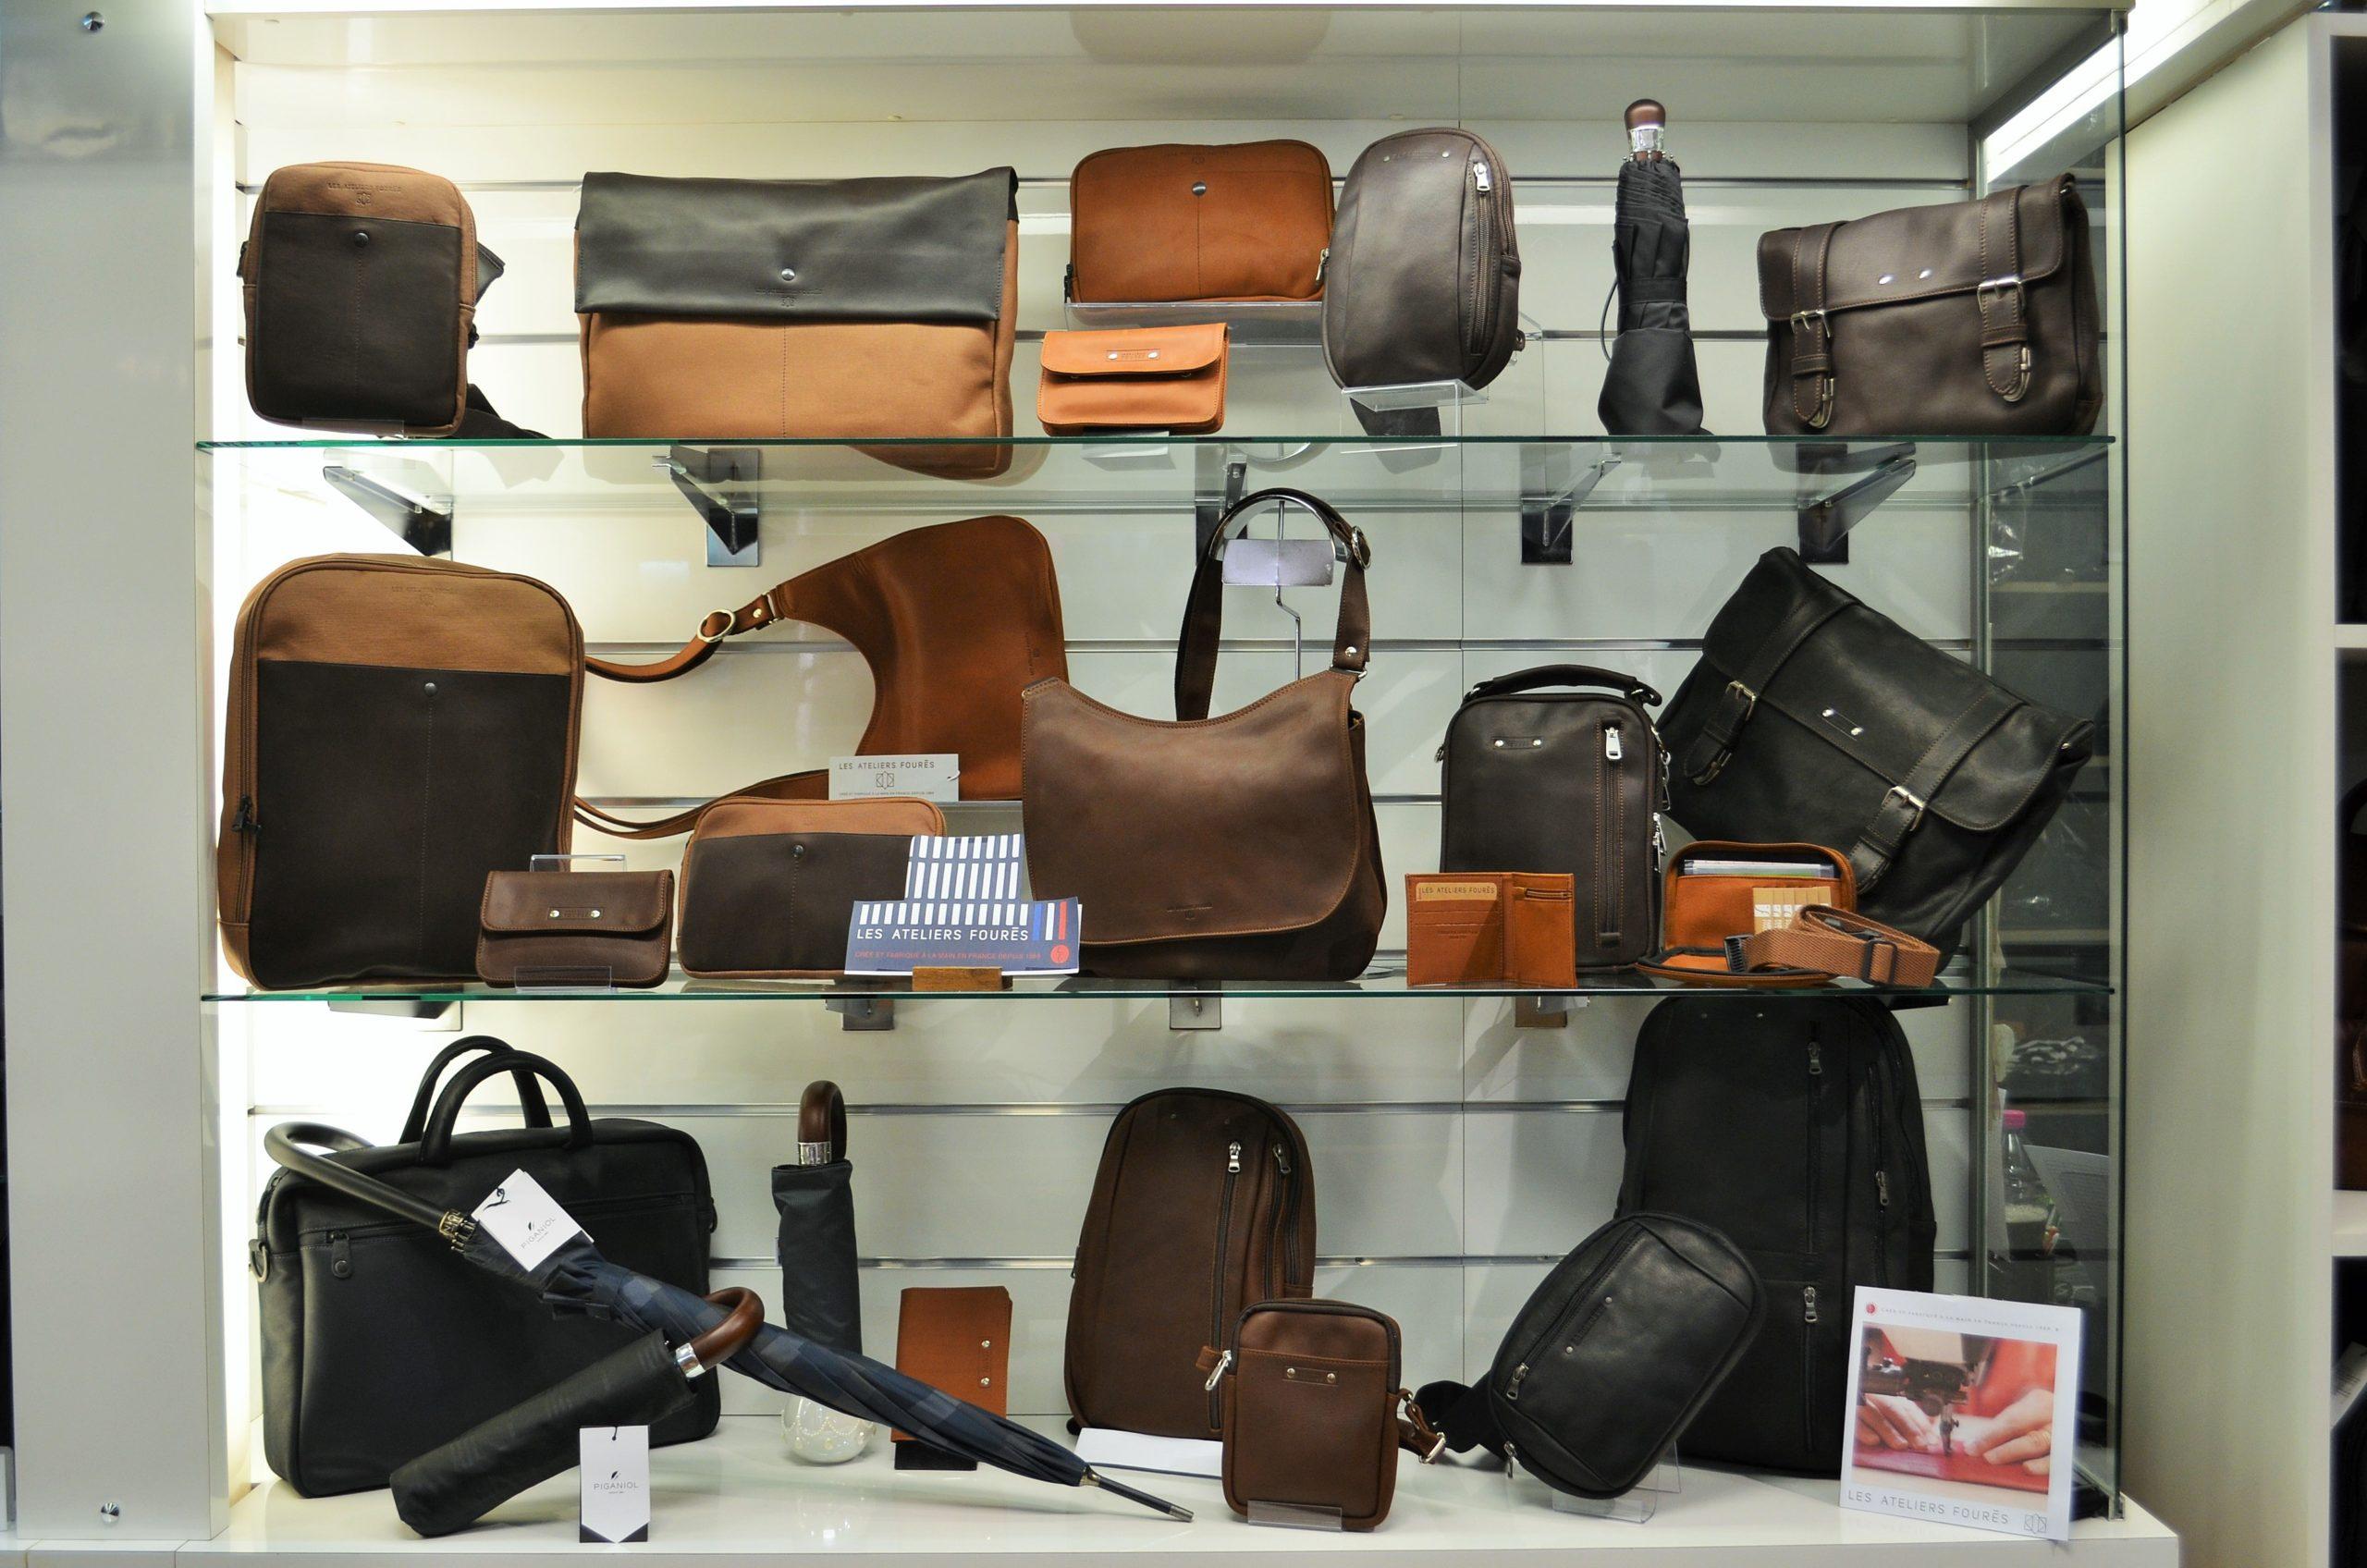 Les ateliers Foures Sellerie Victor Hugo boutique Lyon 2